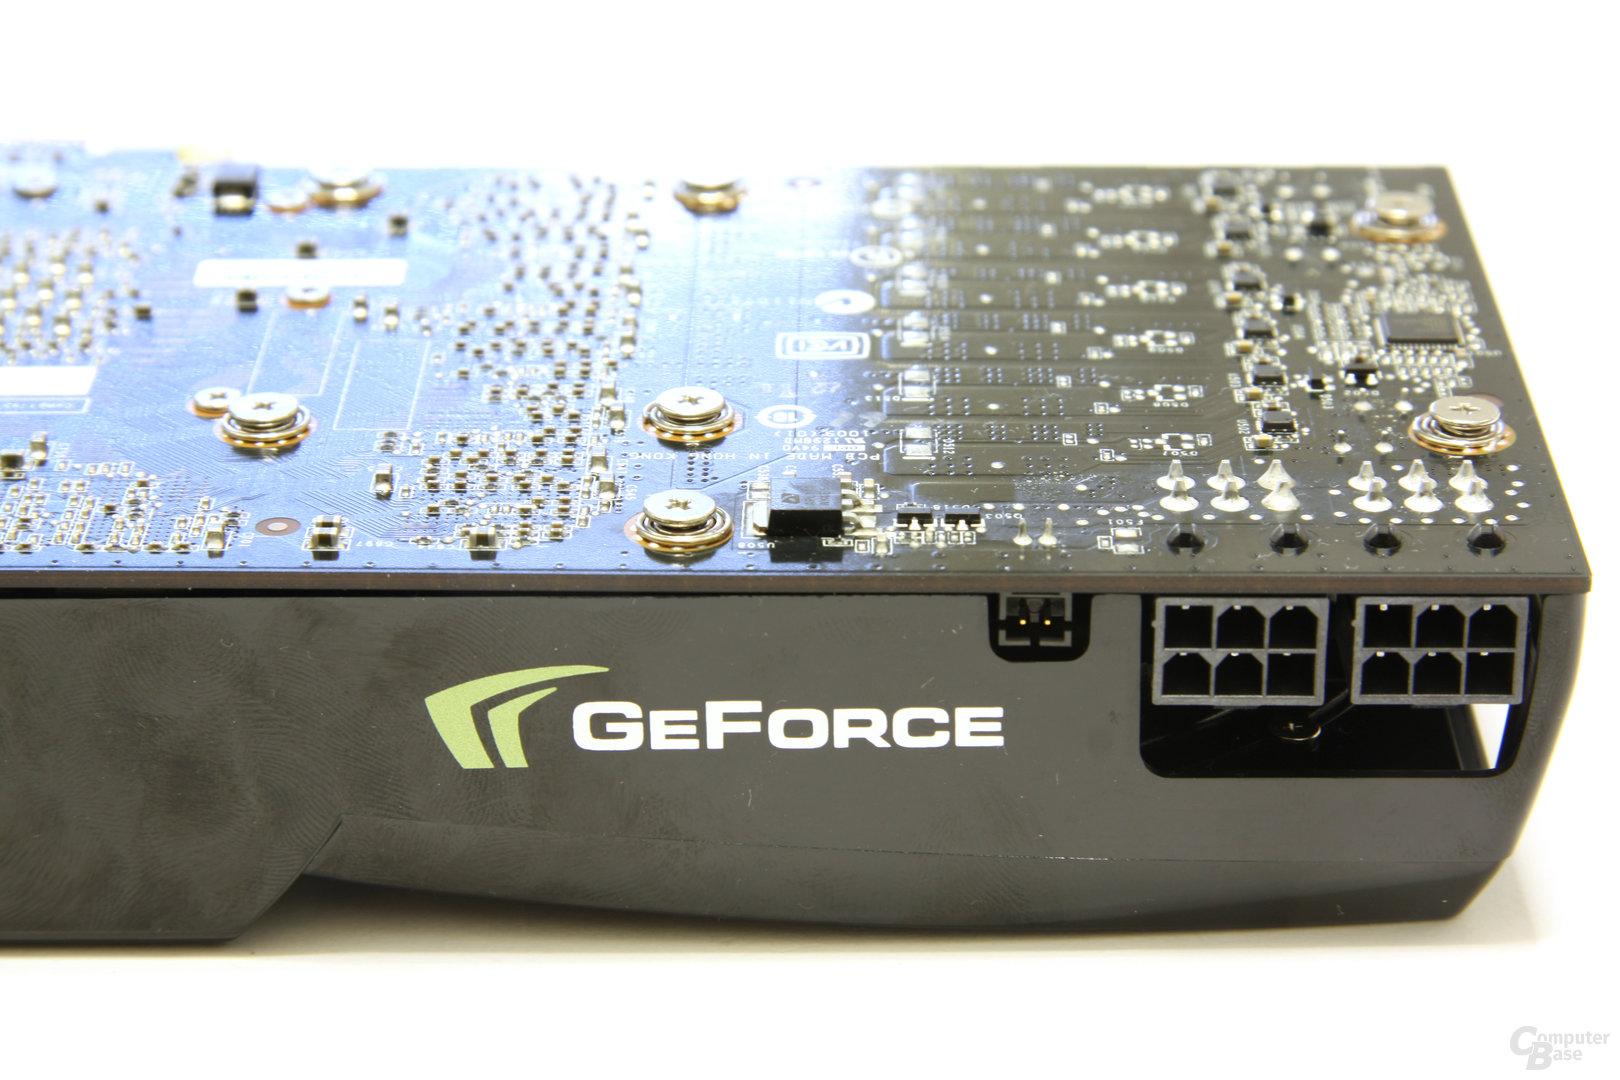 GeForce GTX 275 Stromanschlüsse